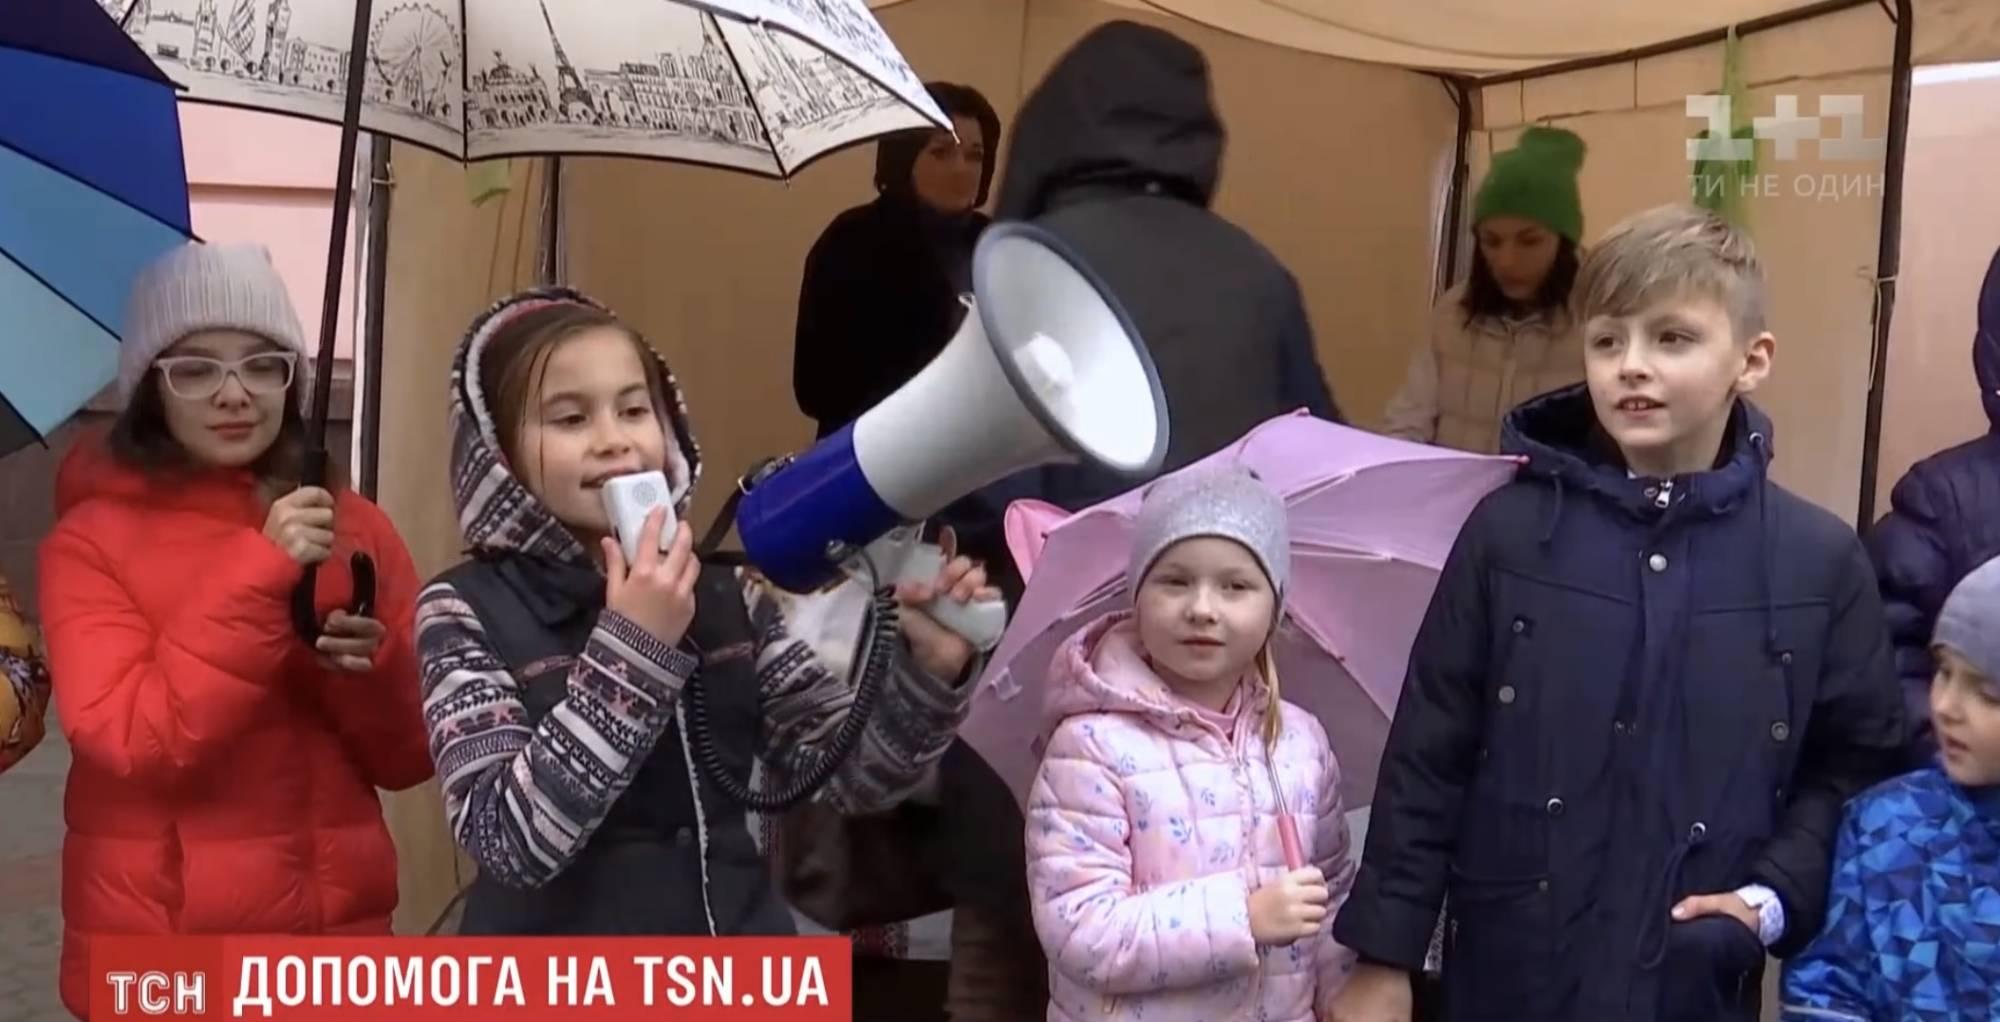 Франківські школярі влаштували благодійний ярмарок заради 11-річного хлопчика (ВІДЕО)